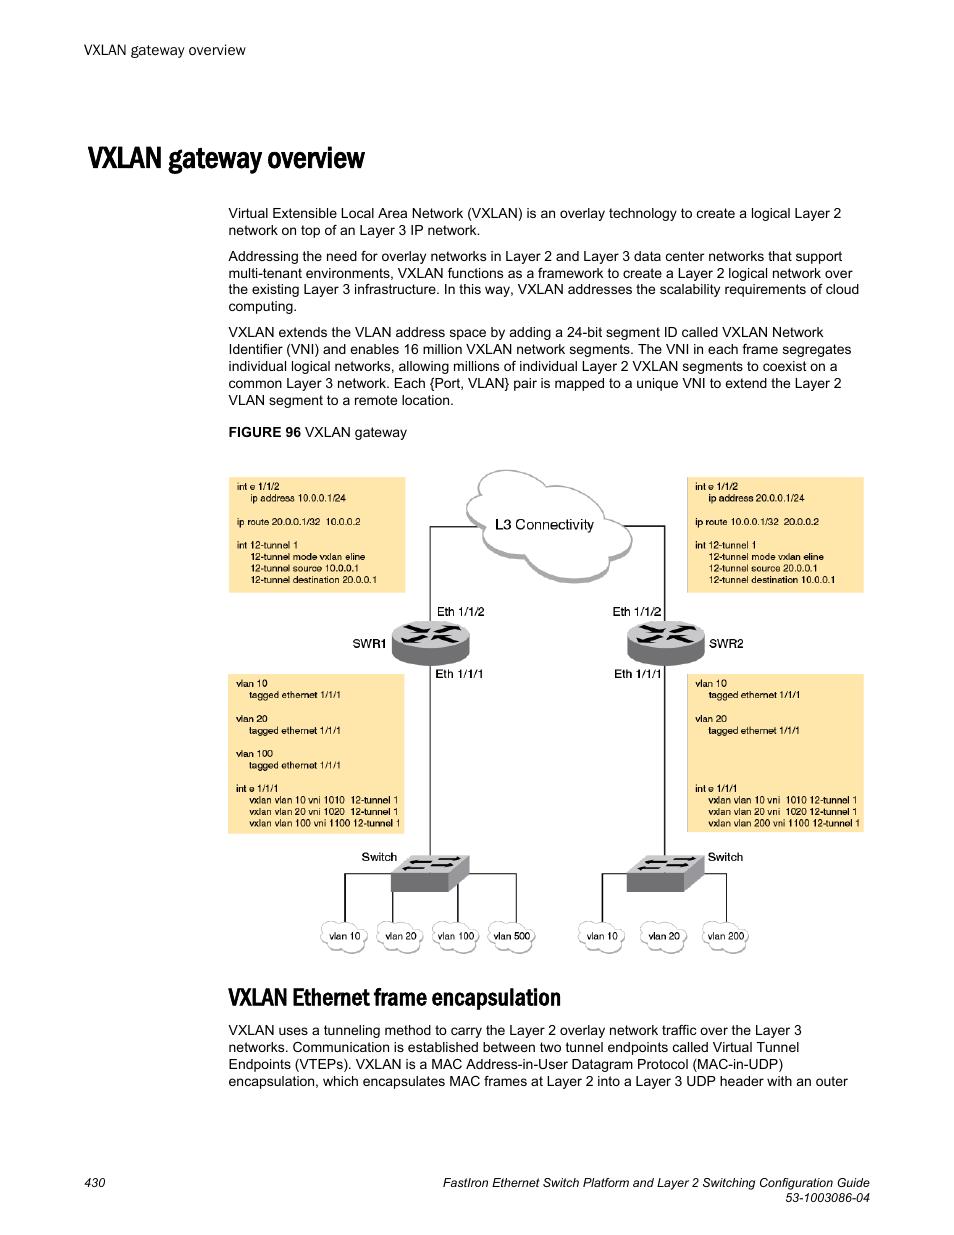 Vxlan gateway overview, Vxlan ethernet frame encapsulation | Brocade